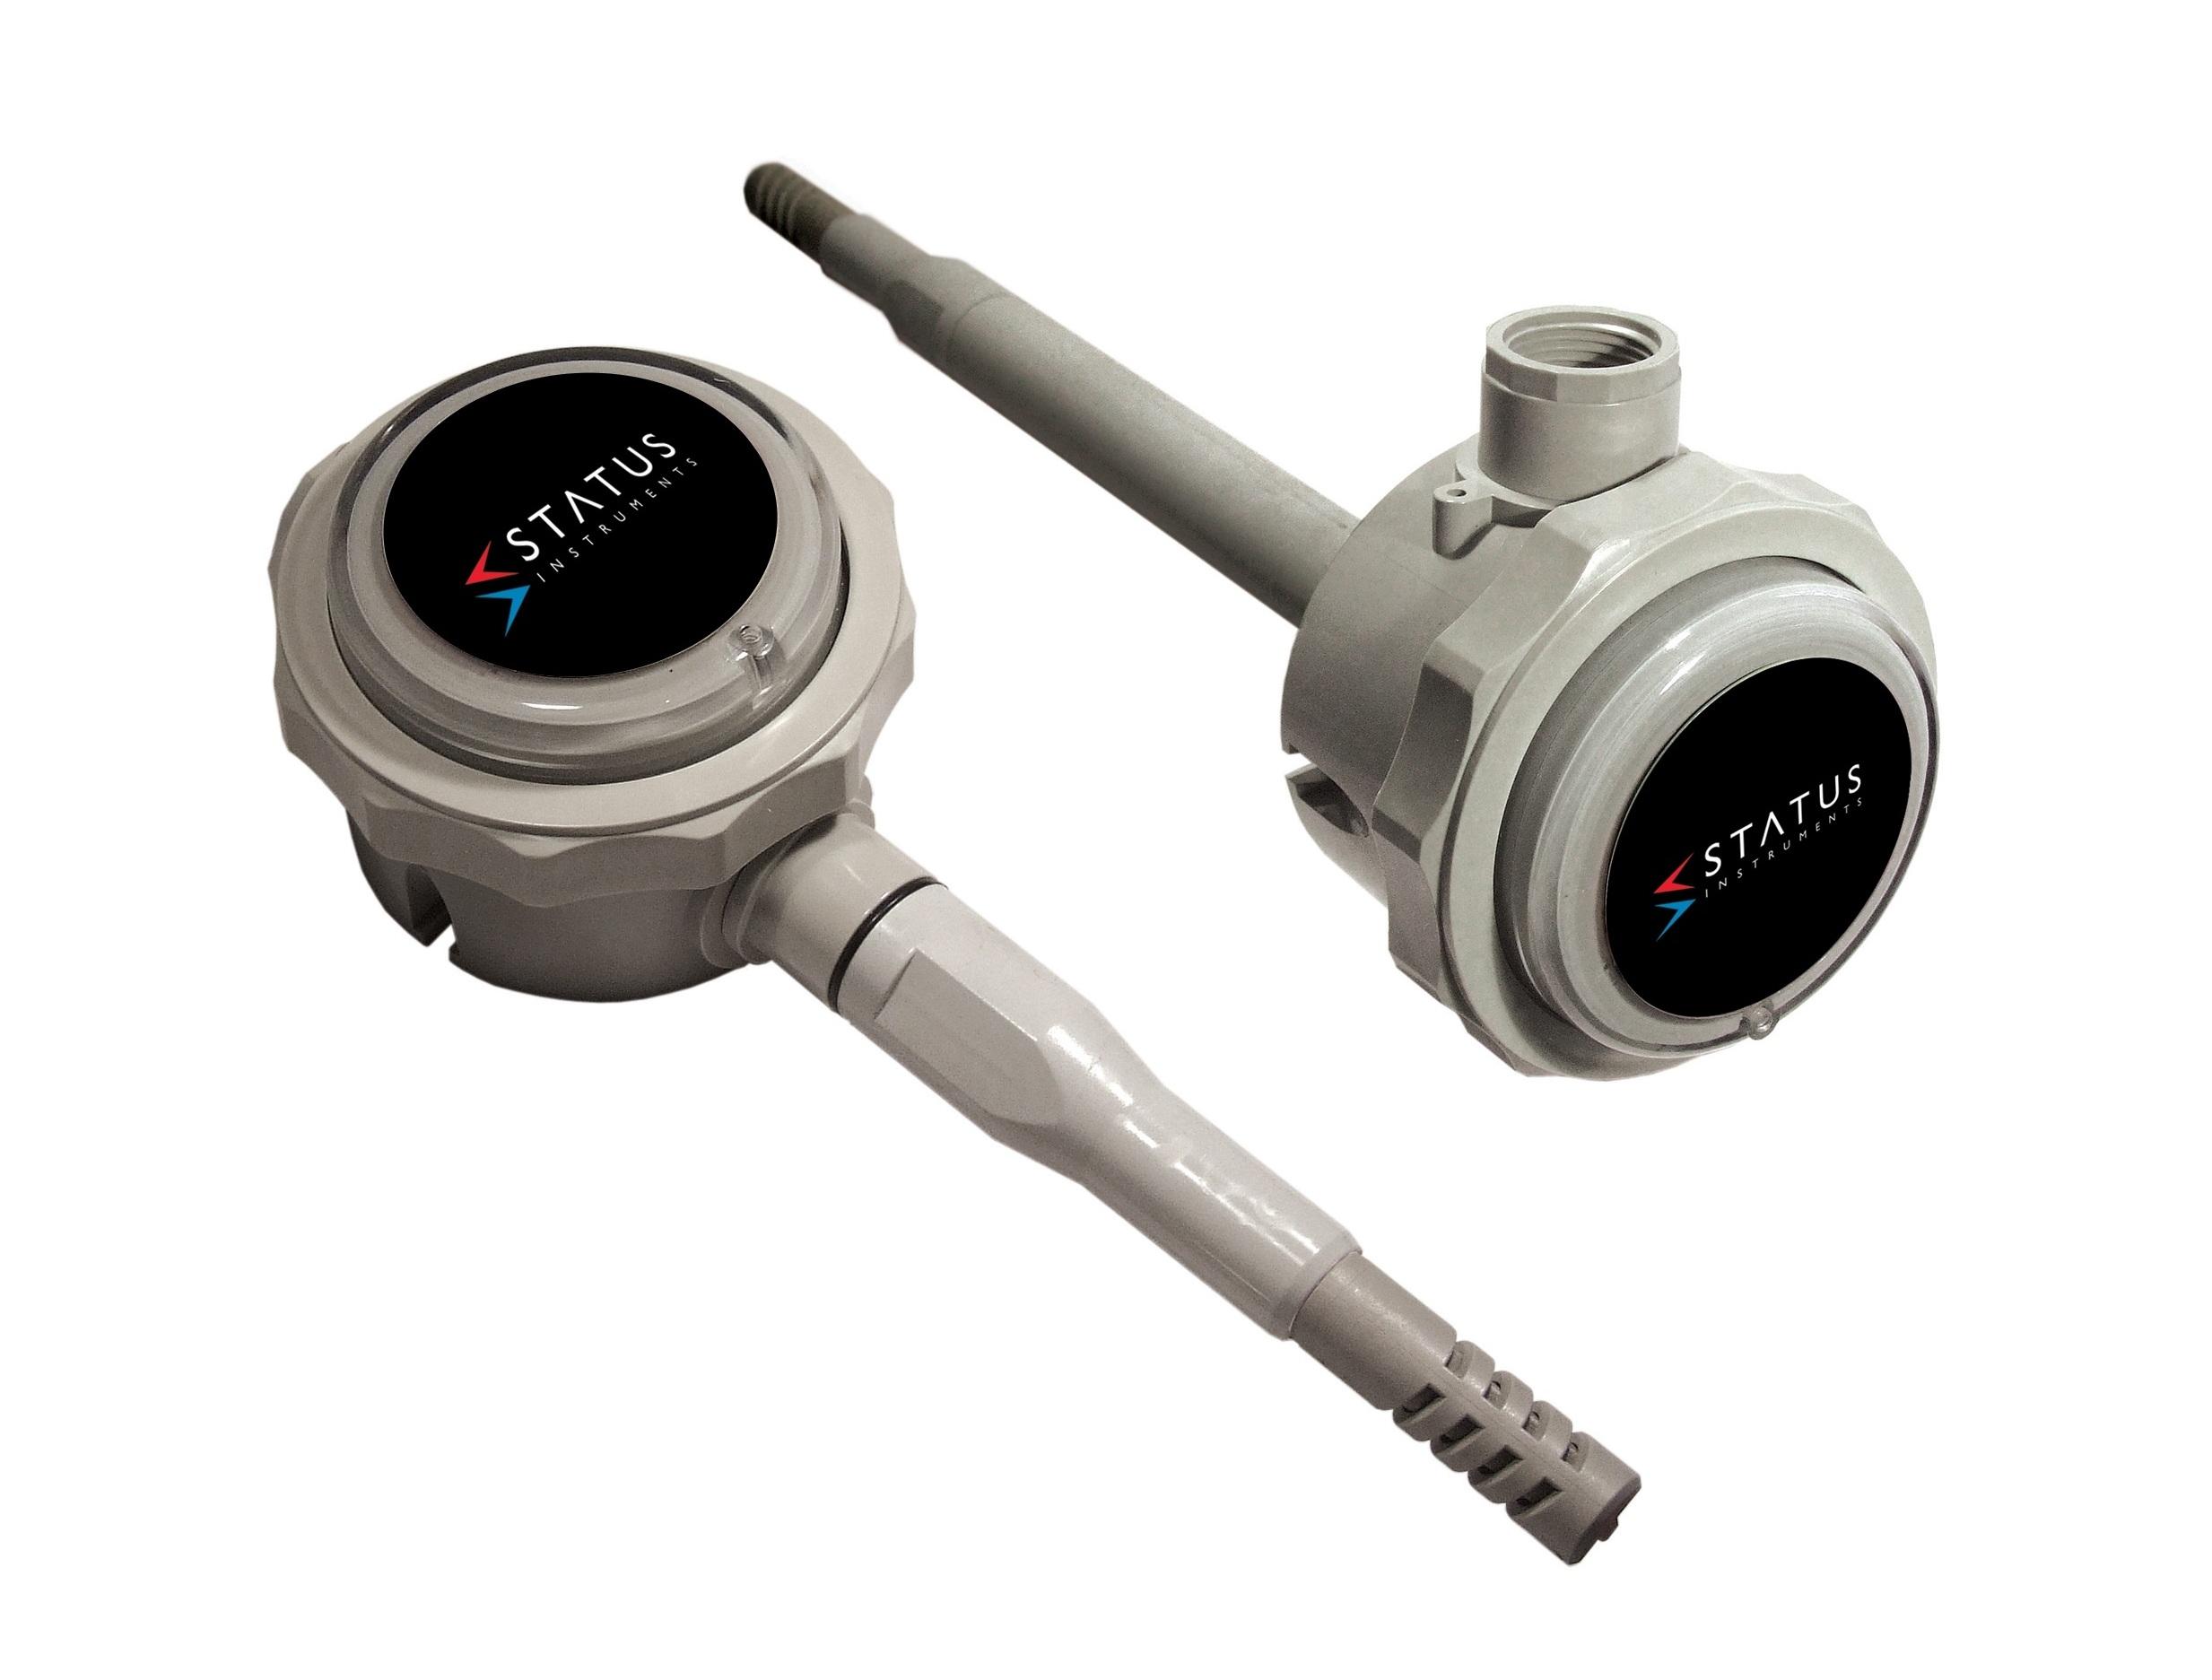 Mont conduit SEM162D/HP / SEM162W/HP Wall Mount humidité / transmetteurs de température